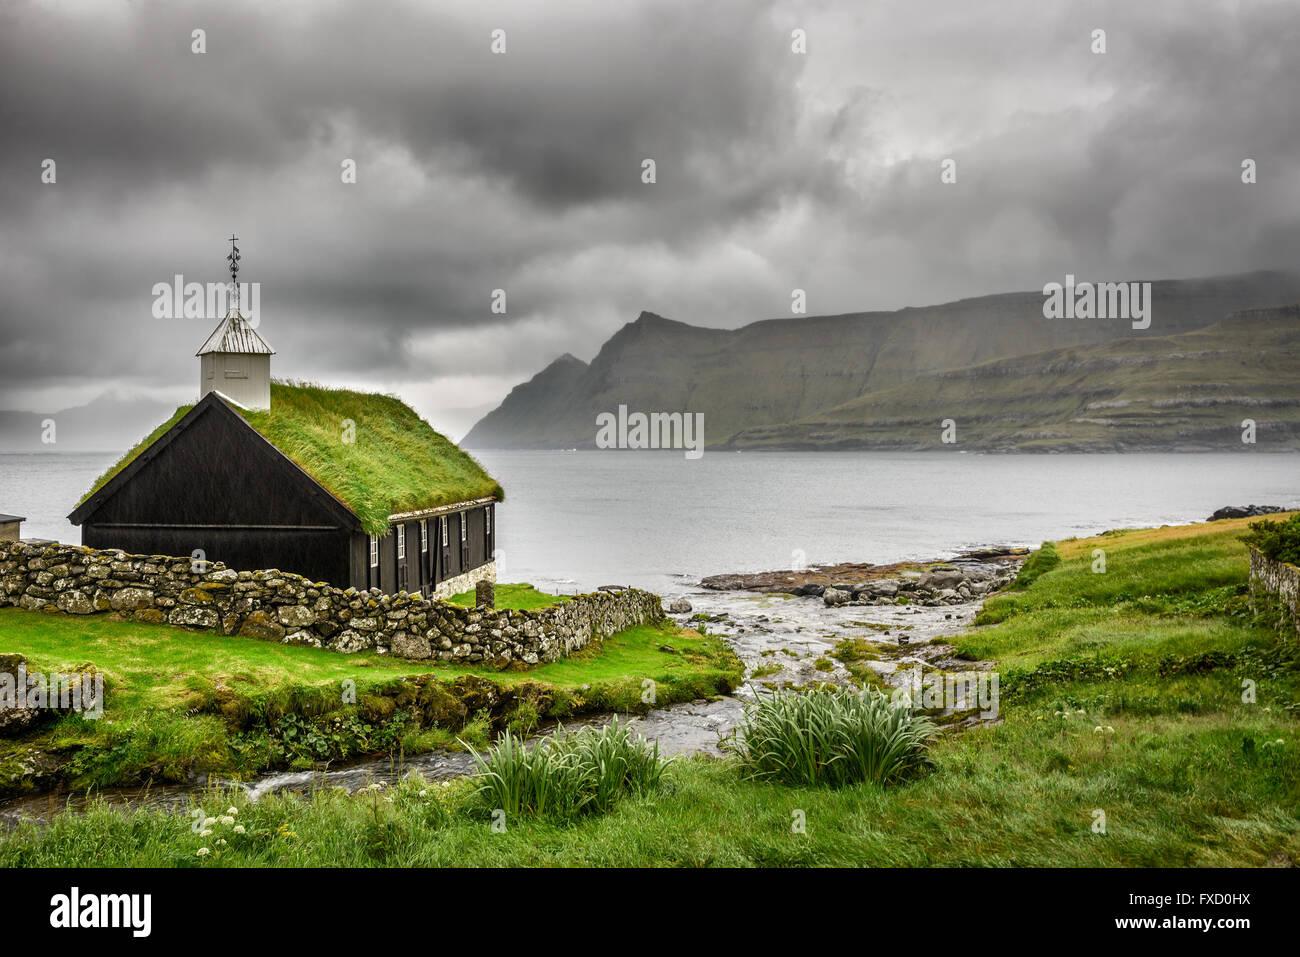 Piccolo villaggio chiesa in Funningur sotto le nuvole pesanti. Funningur è situato sull'isola di Eysturoy, Immagini Stock